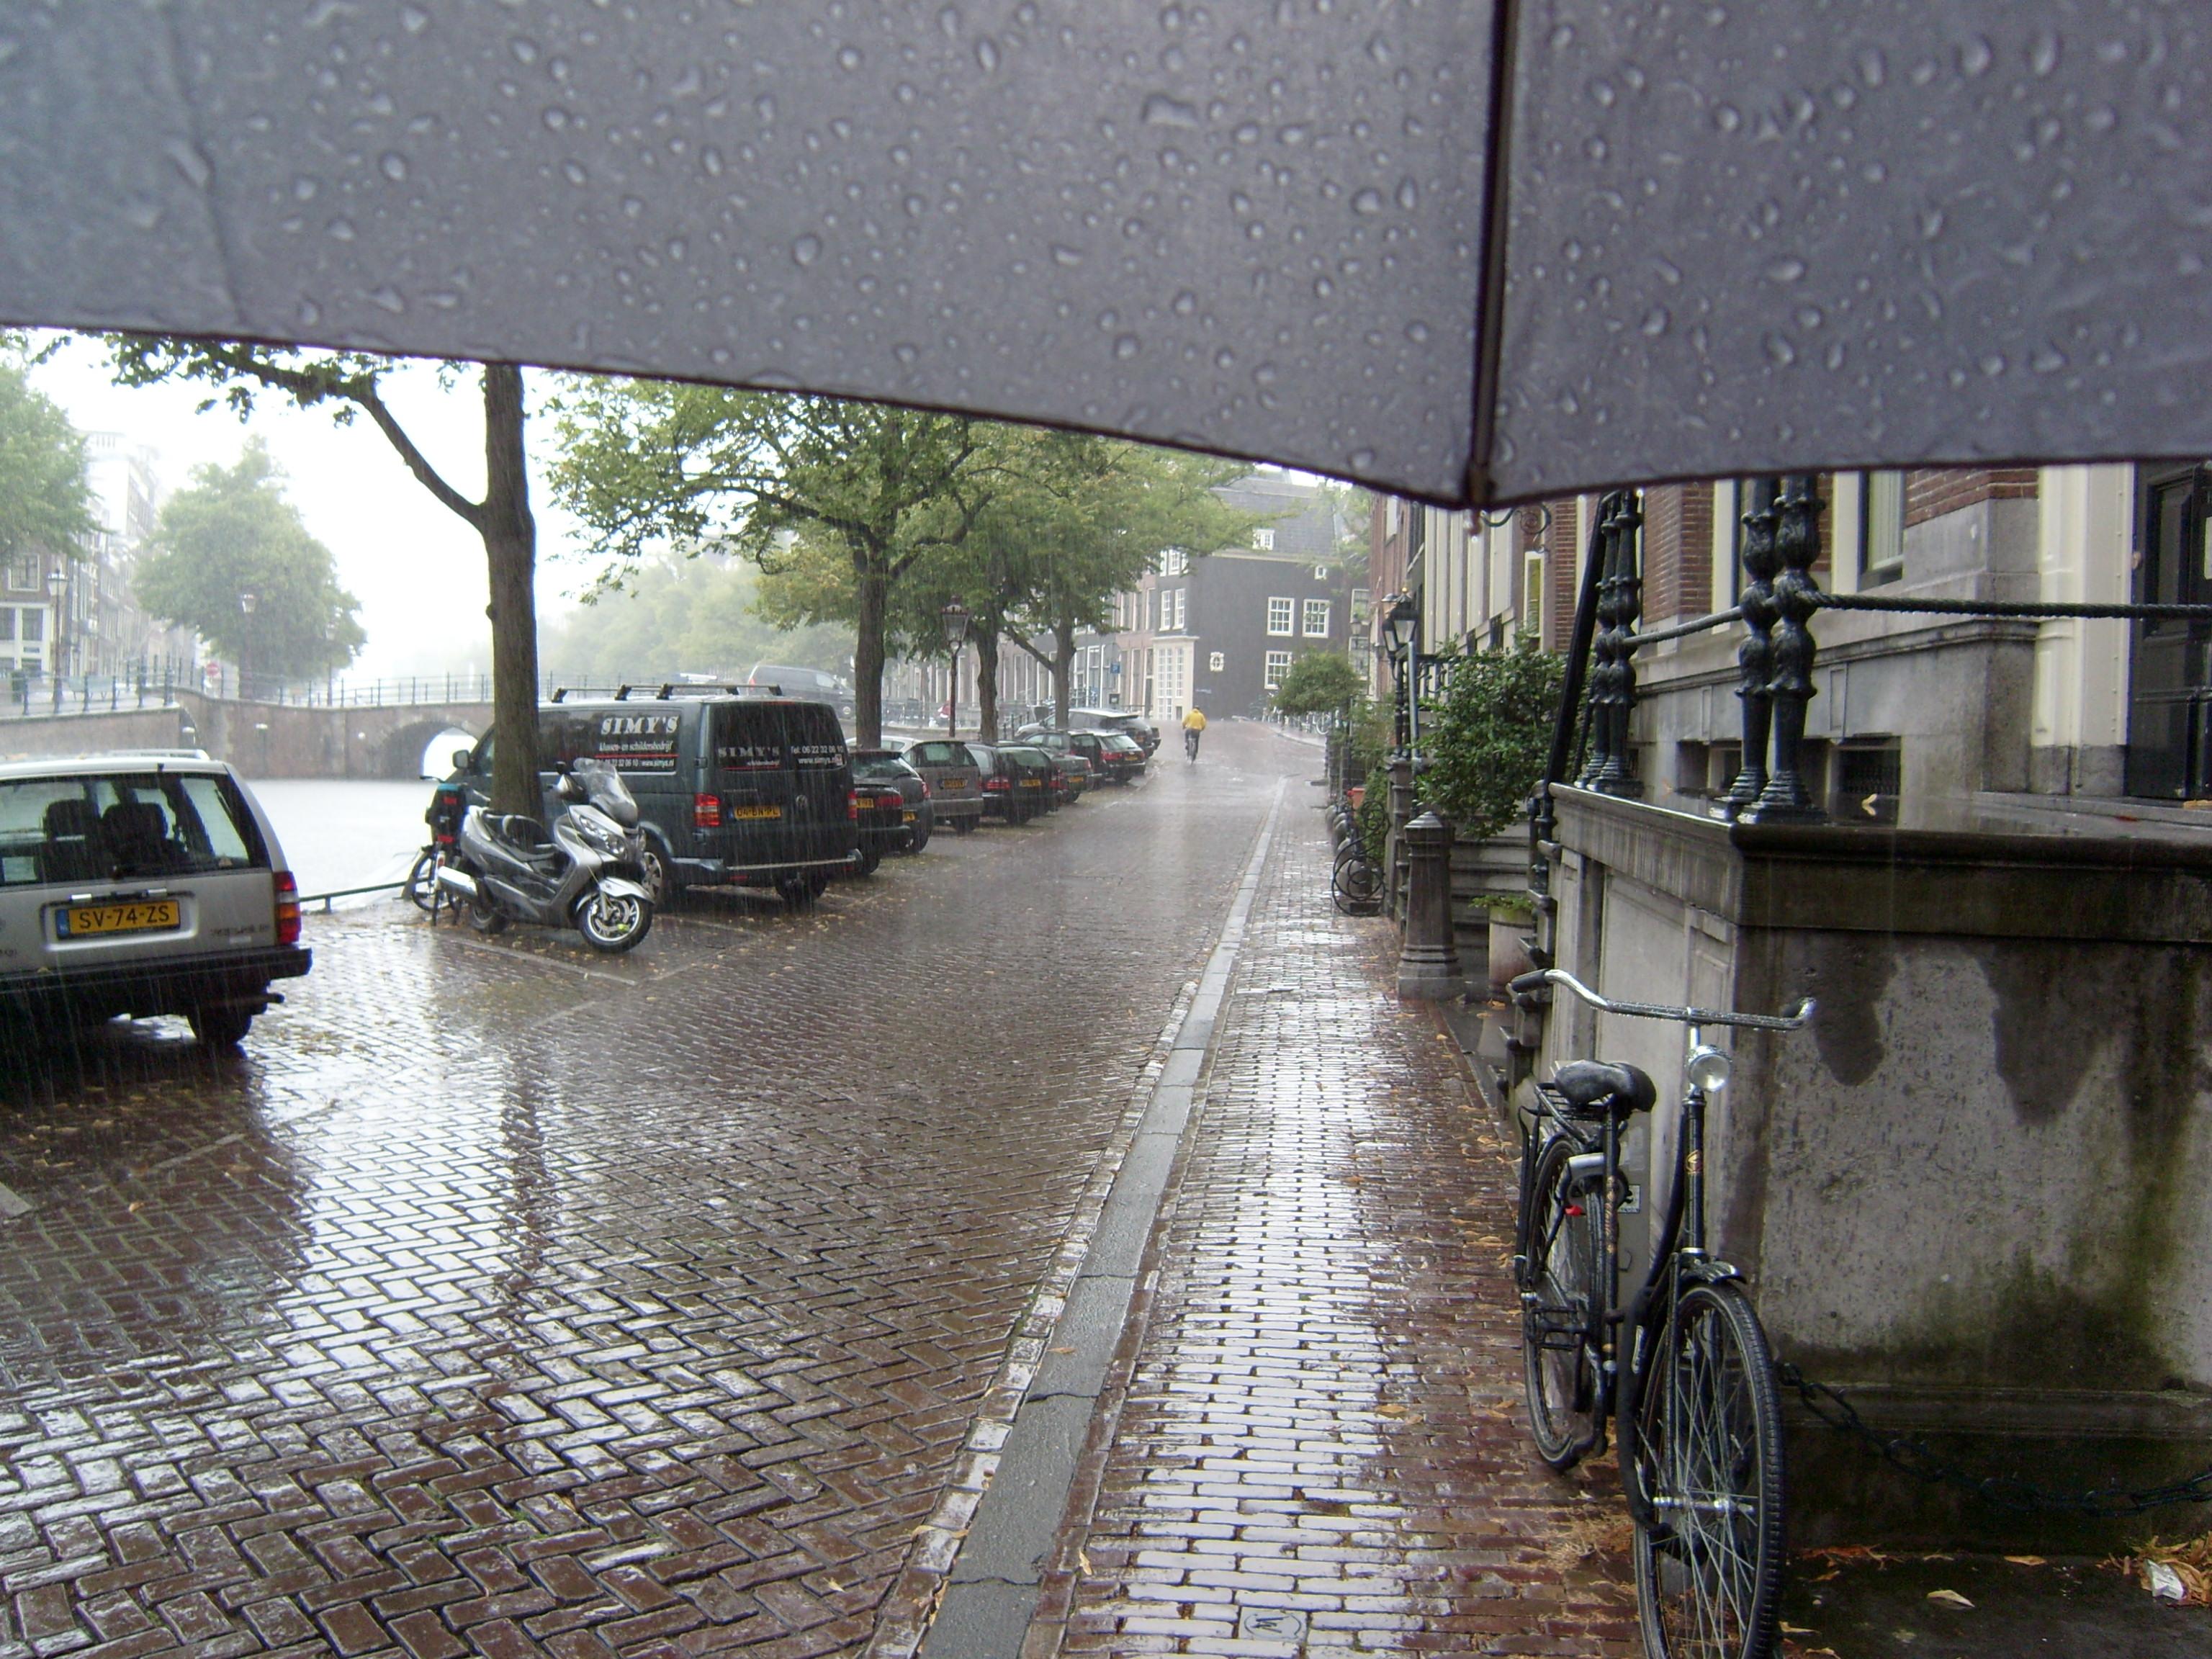 Amsterdamaug 026